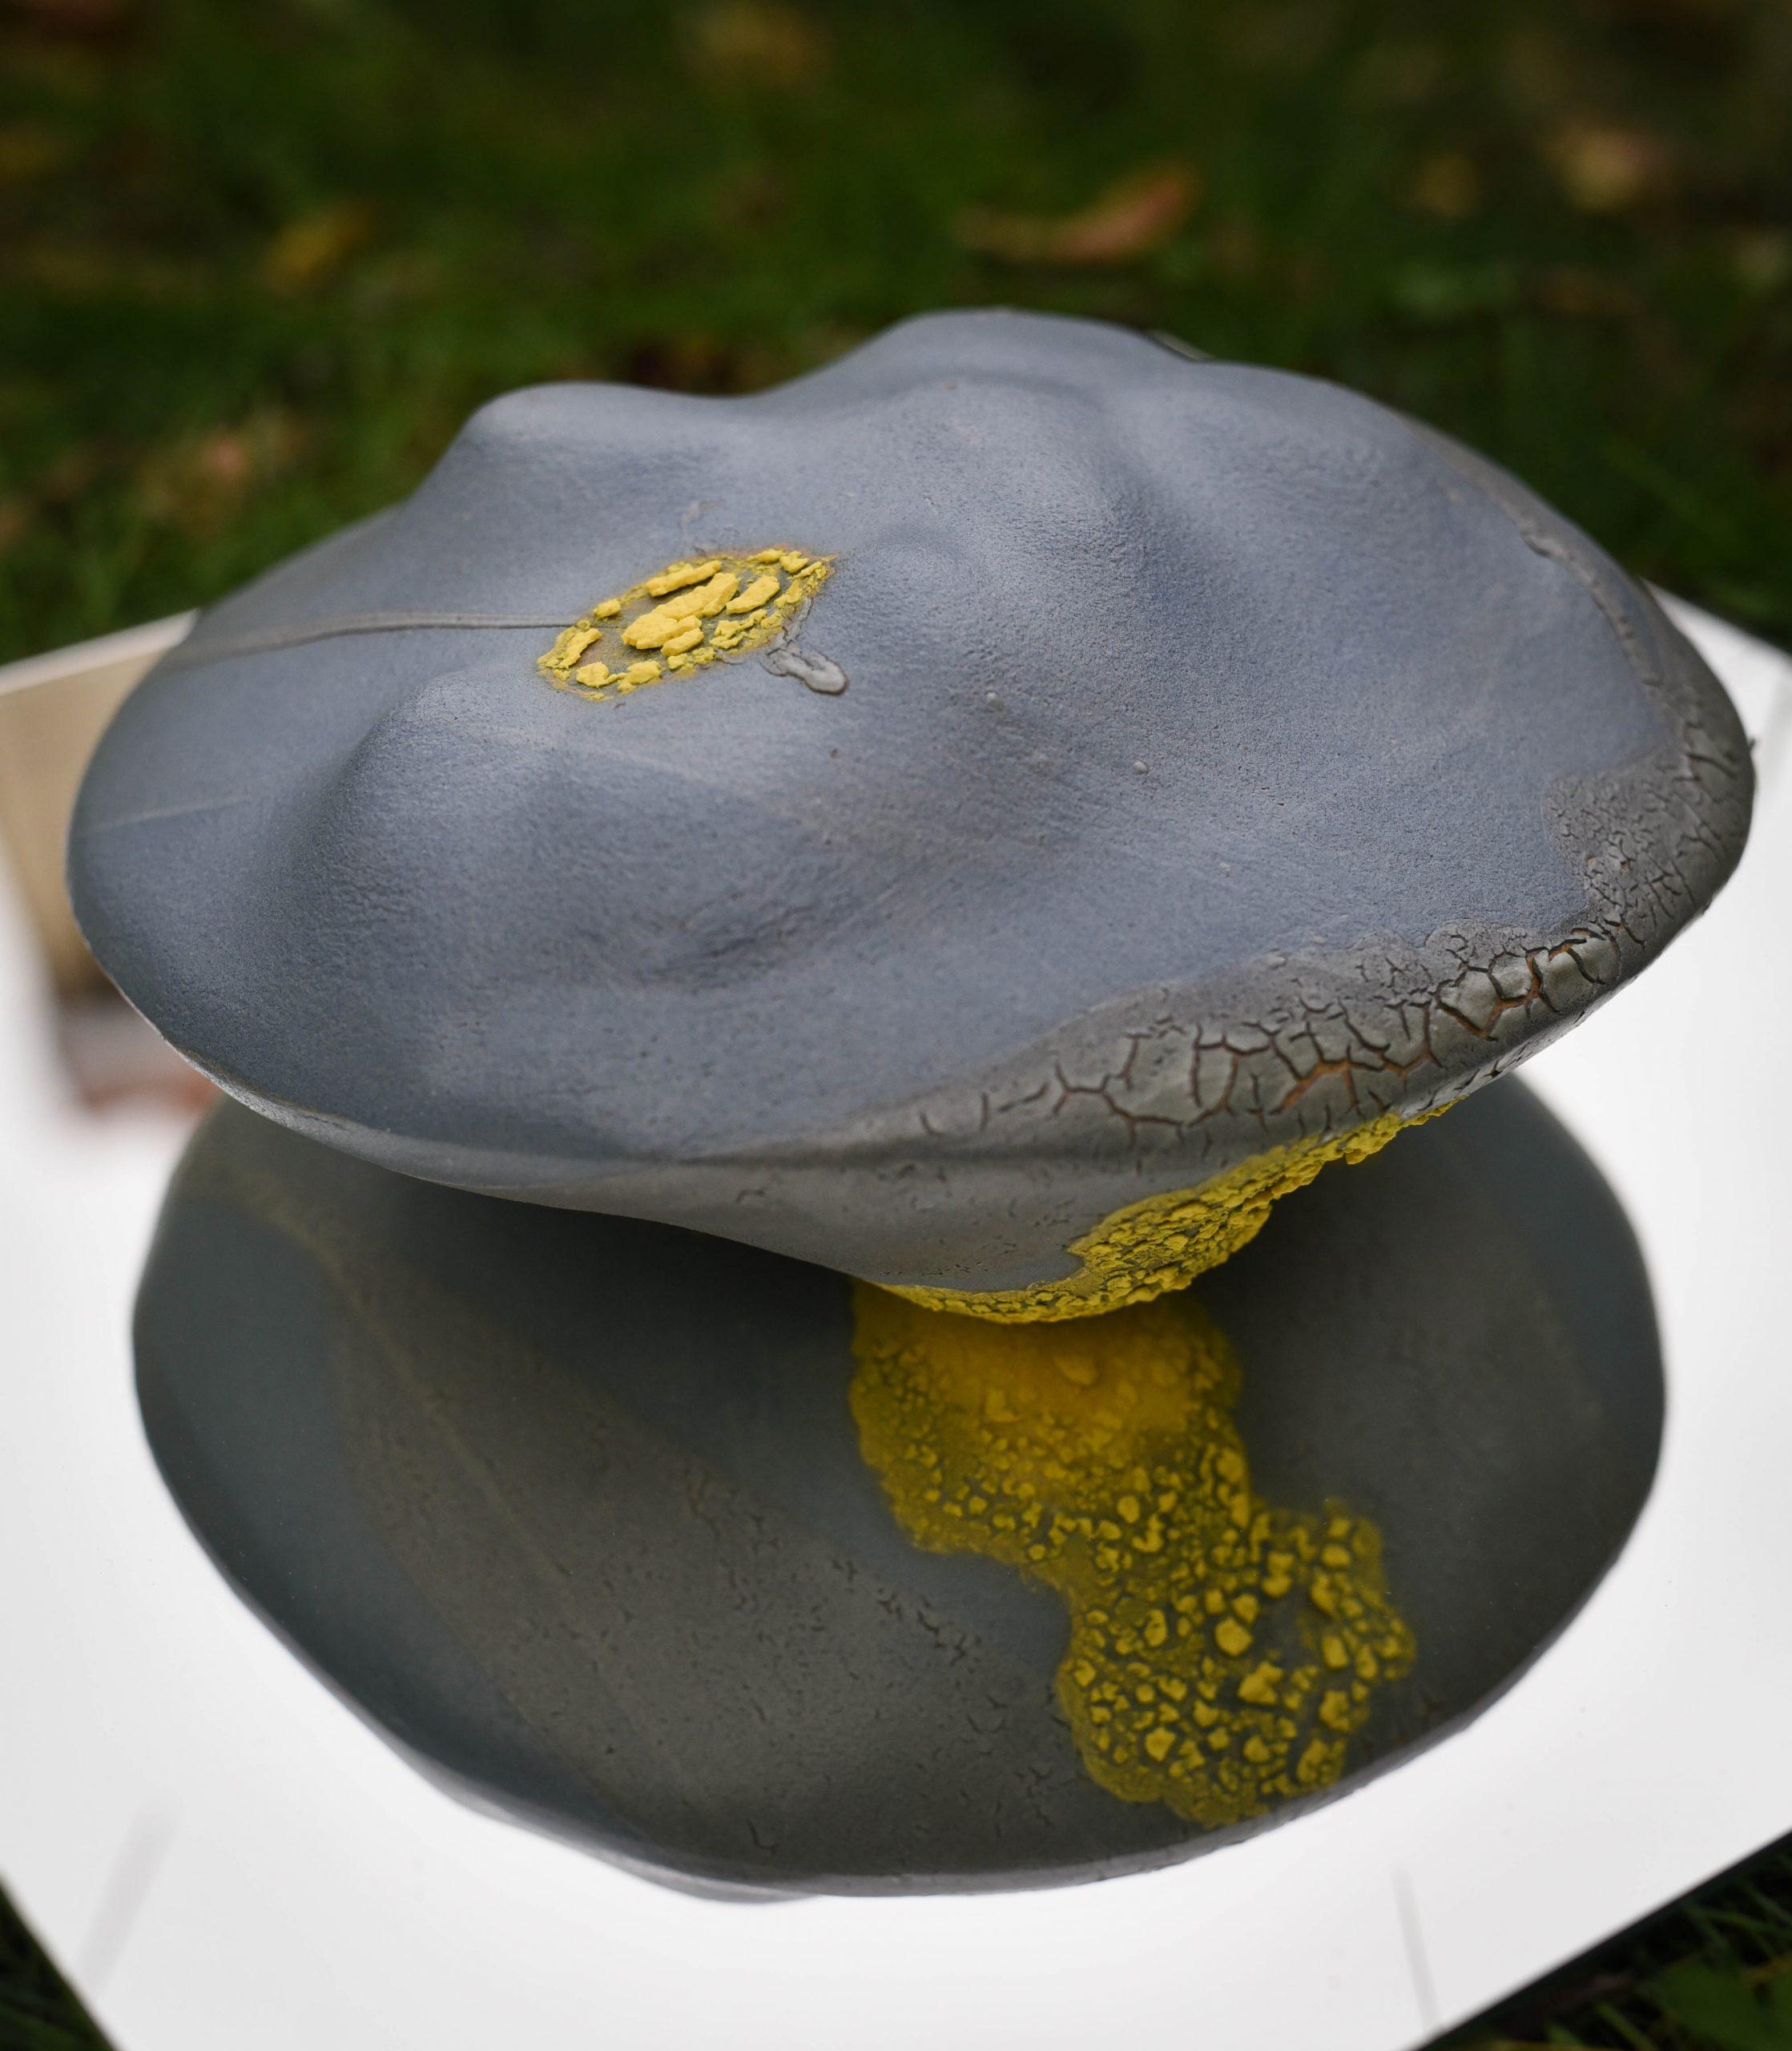 Les ilots sont des sculptures de grès entièrement recouvertes d'émail. Leur forme est celle d'une grosse lentille de 30 cm de diamètre. Les 2 cotés de la pièces sont émaillés. Dans une volonté de sobriété, un seul émail bleu mat est utilisé. Par petites touches, un second émail jaune évoque les lichens. Cette sculpture évoque à la fois une cellule vue en microscopique électronique (les ilots de Langerhans sont les amas de cellules qui fabriquent notamment l'insuline) ou un vaste paysage vallonné dans lequel on peut rêver, Autres mots clés : céramique - art cuisson - haute température – sciences